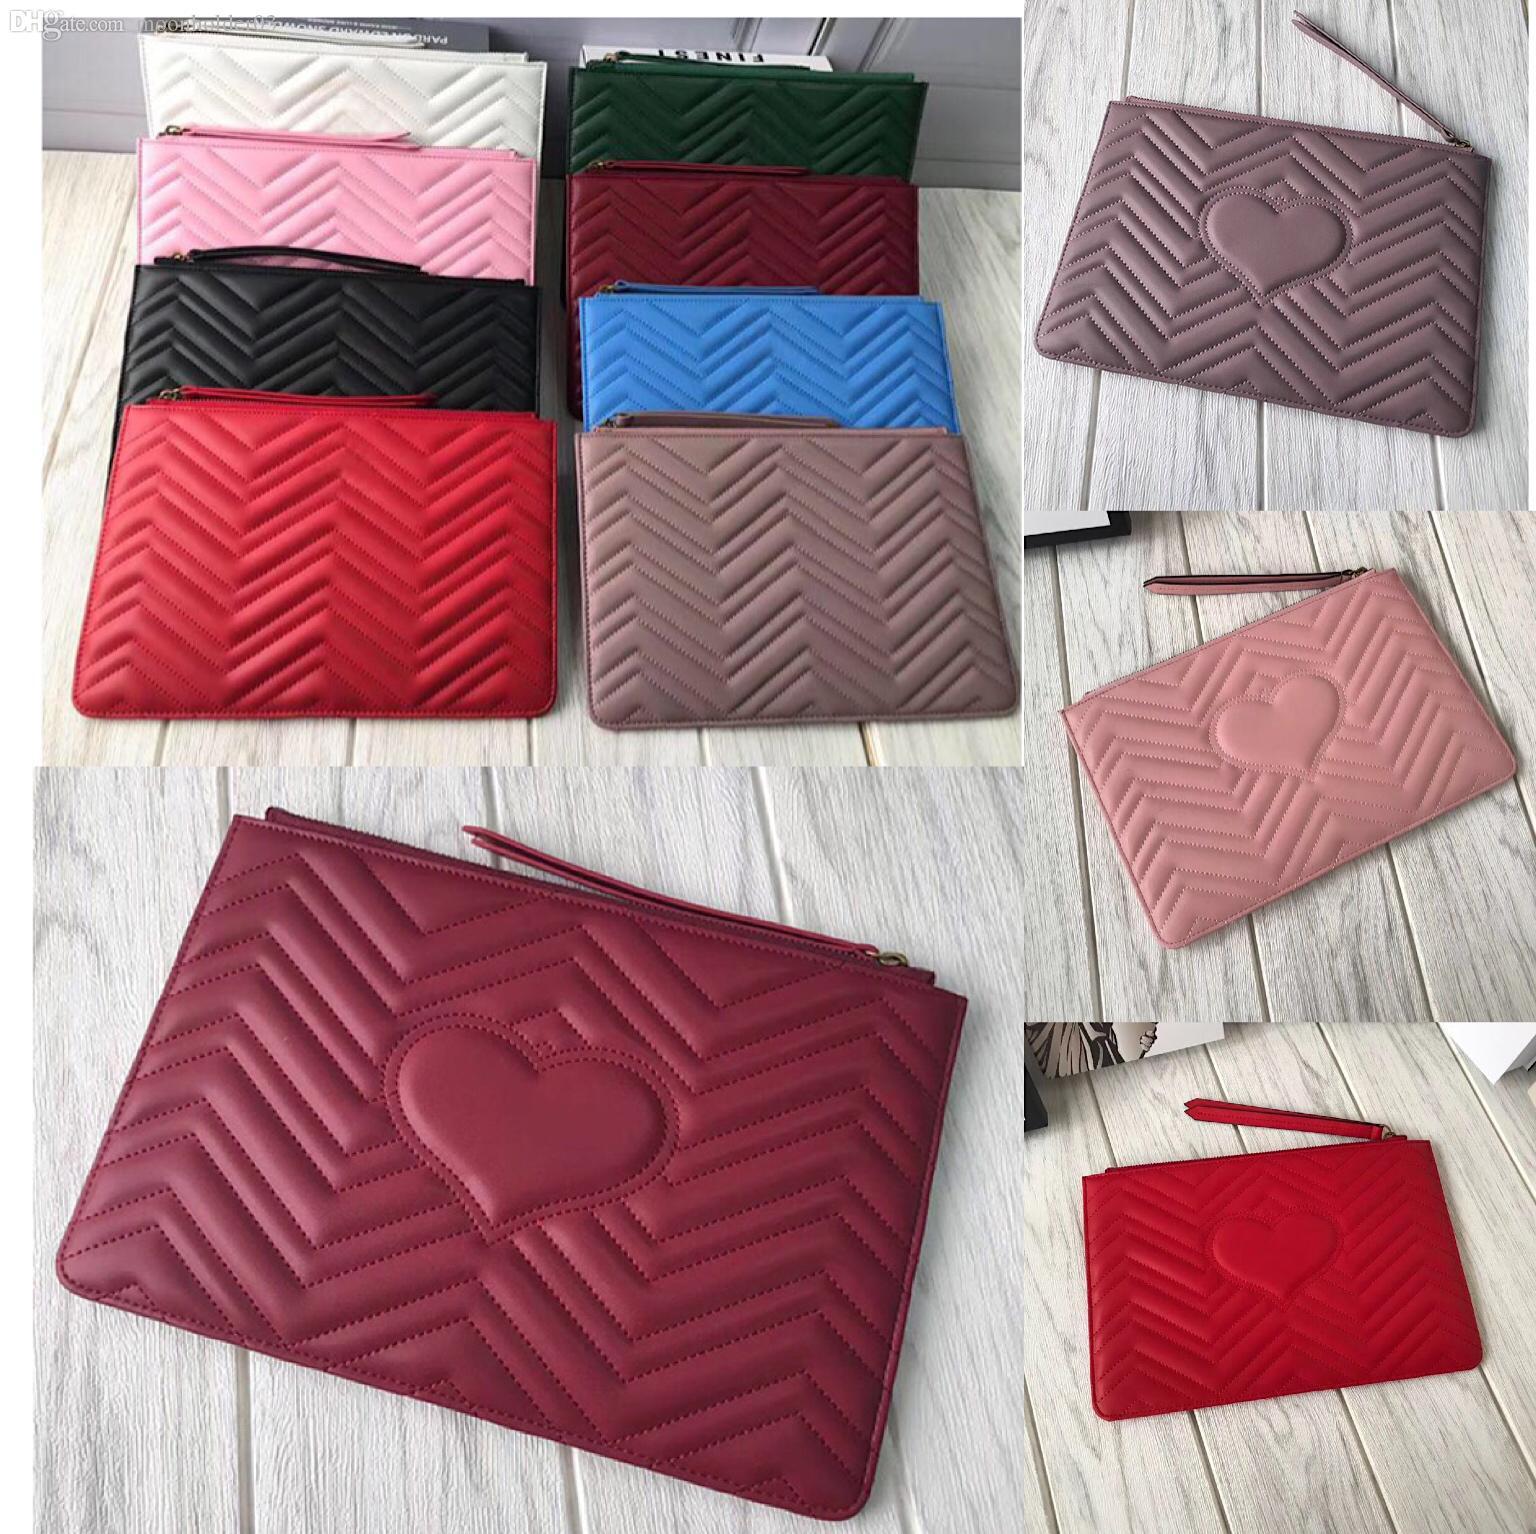 Toptan Kırmızı Kalp Kadın Kozmetik Çantası Deri Tasarımcı Debriyaj Çanta Koyun postu Üst Klasik Kozmetik Çanta Bayan Cüzdan Fermuar Cüzdan Asma